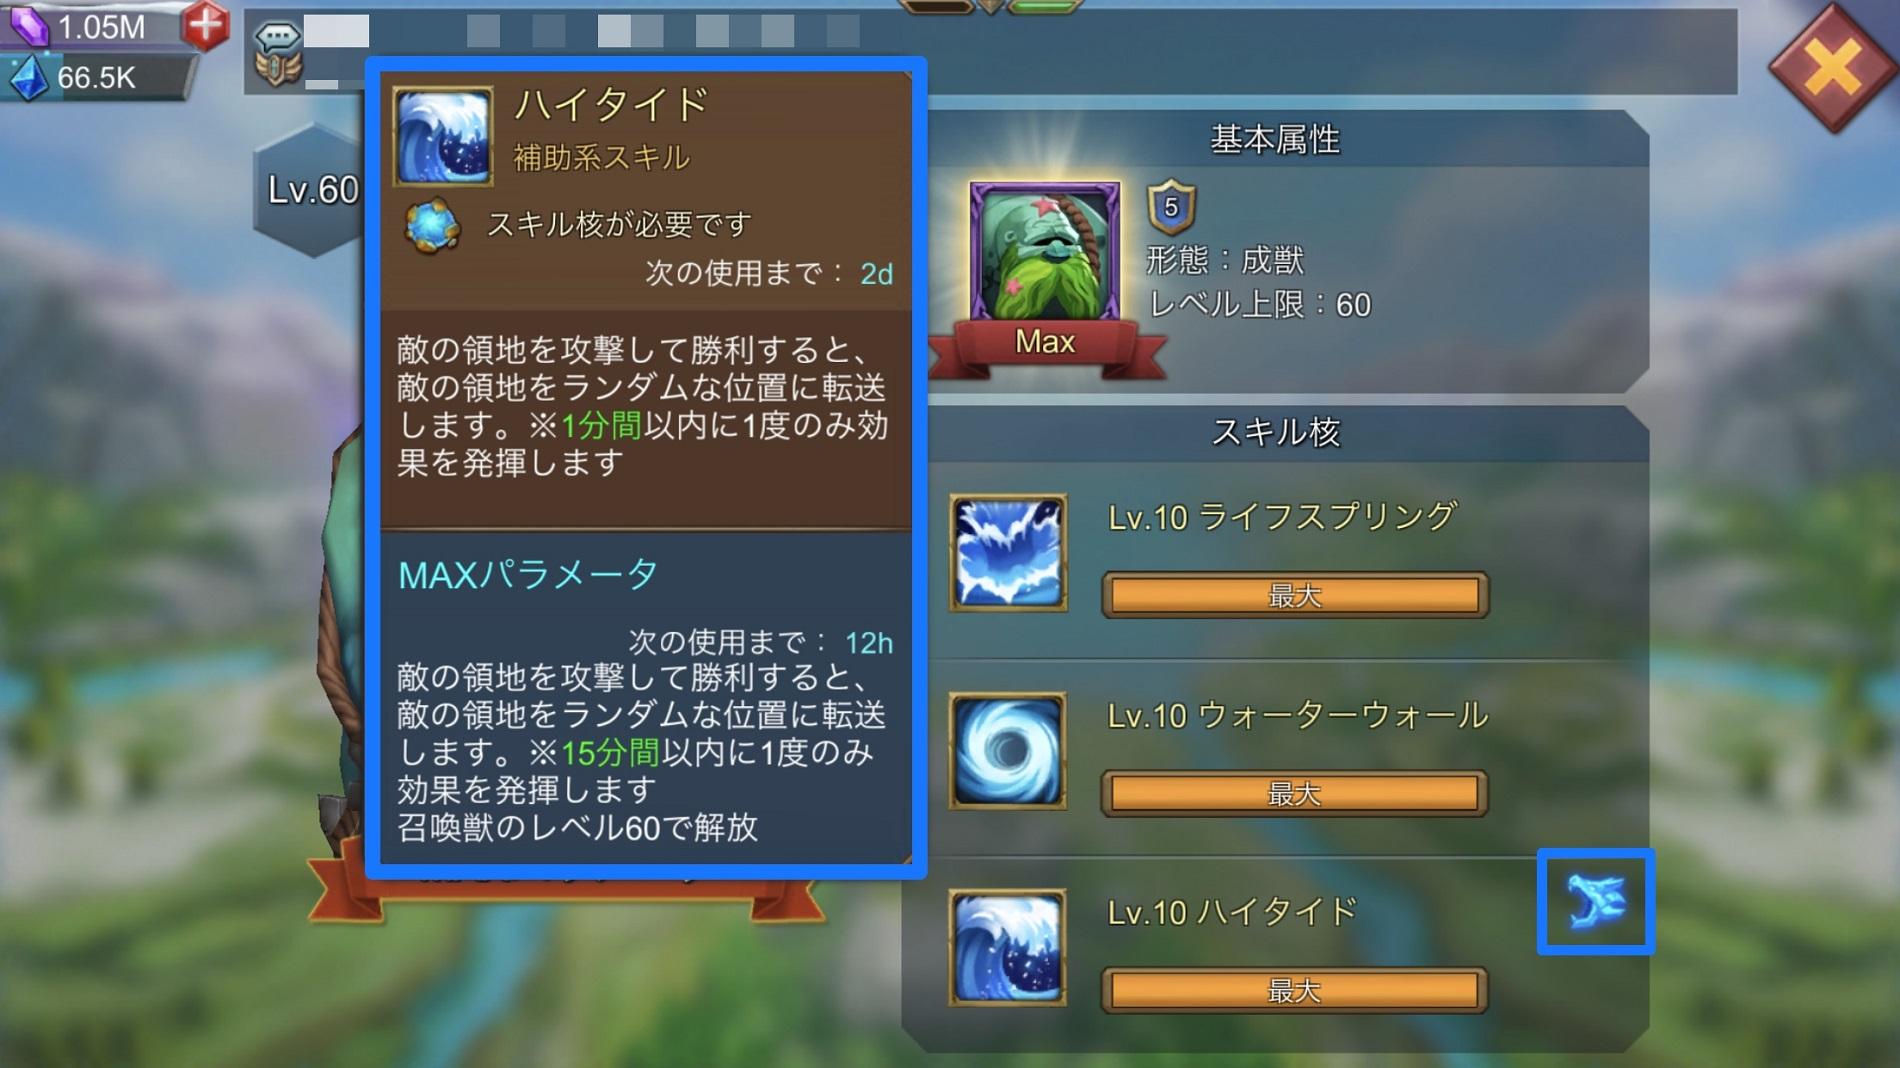 ロードモバイル【アップデートまとめ】:魔獣たちを召喚できる!「召喚獣」機能が新登場!!